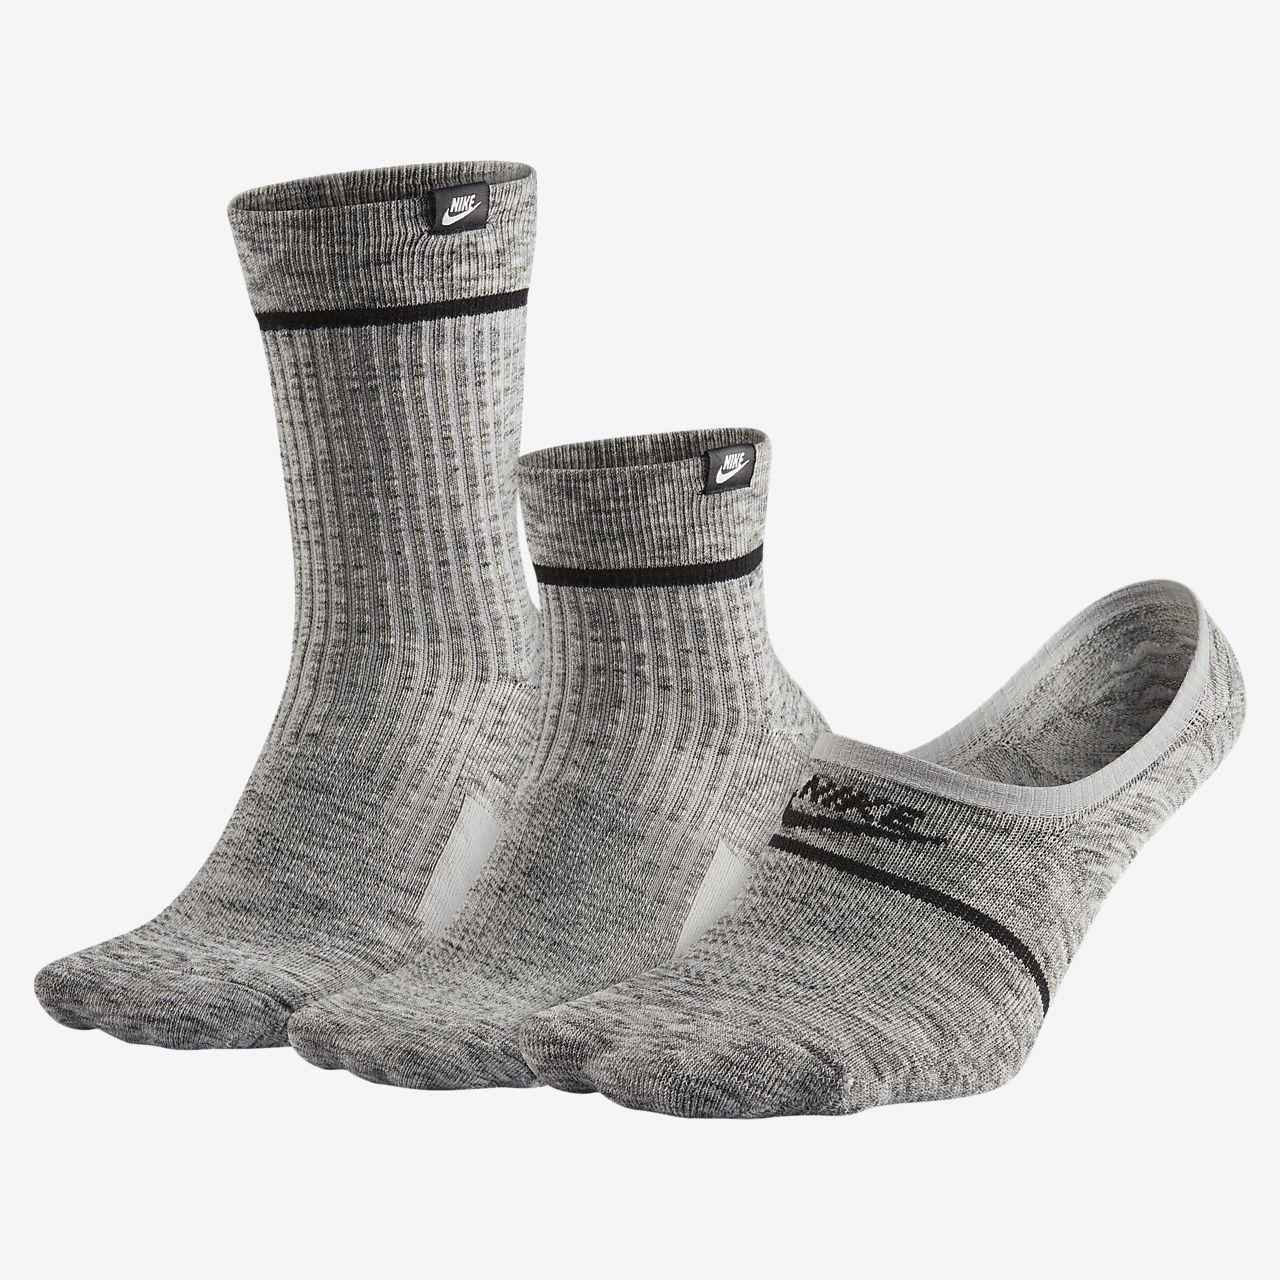 Nike Sneaker Socks Cadeauset (3 paar)